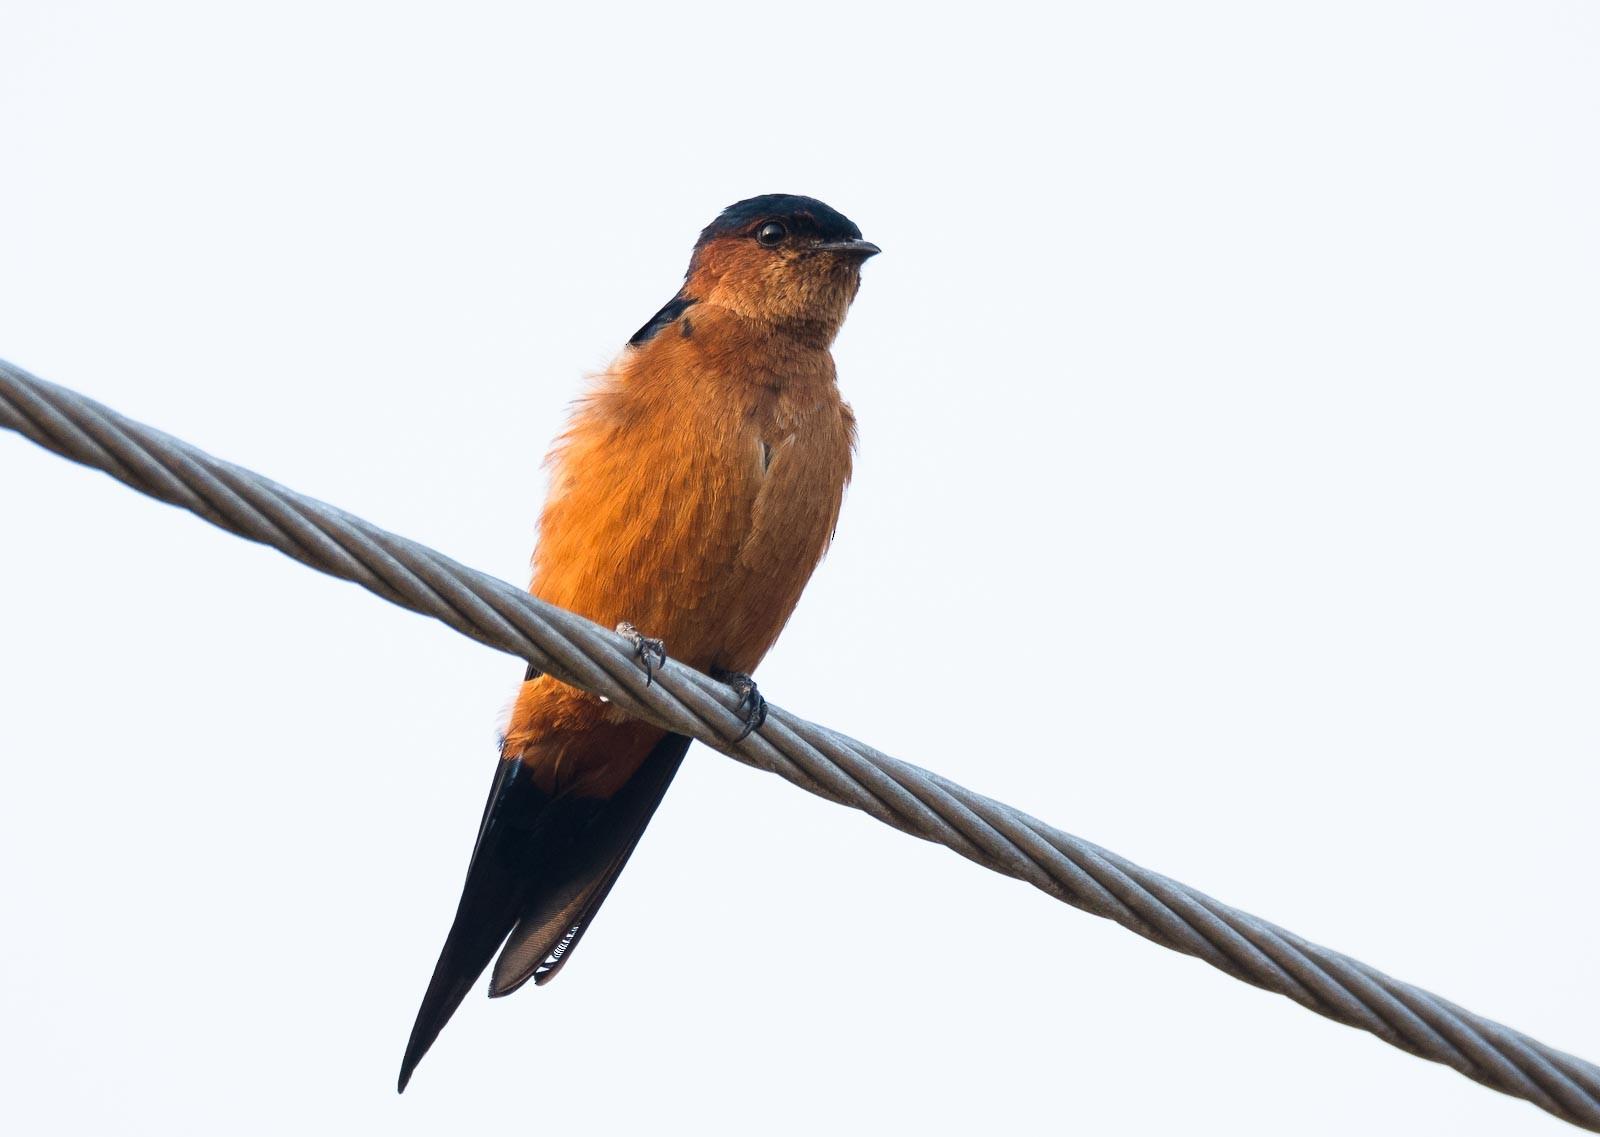 Sri Lanka Swallow - Eric francois Roualet